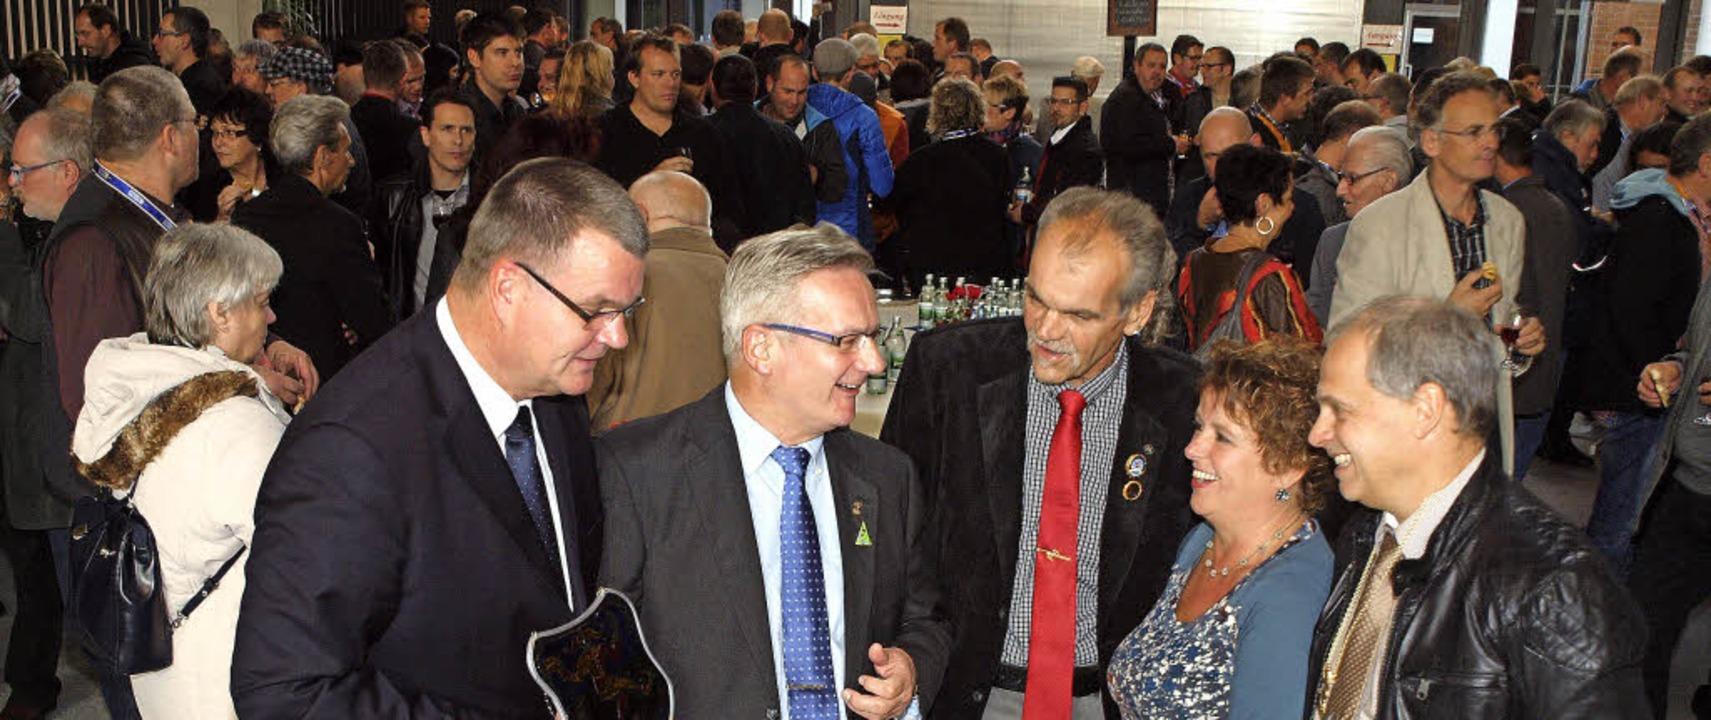 Empfang beim VON-Herbstkonvent in Kenz...Shkodra und Narrenvogt Martin Schmidt.  | Foto: Michael haberer